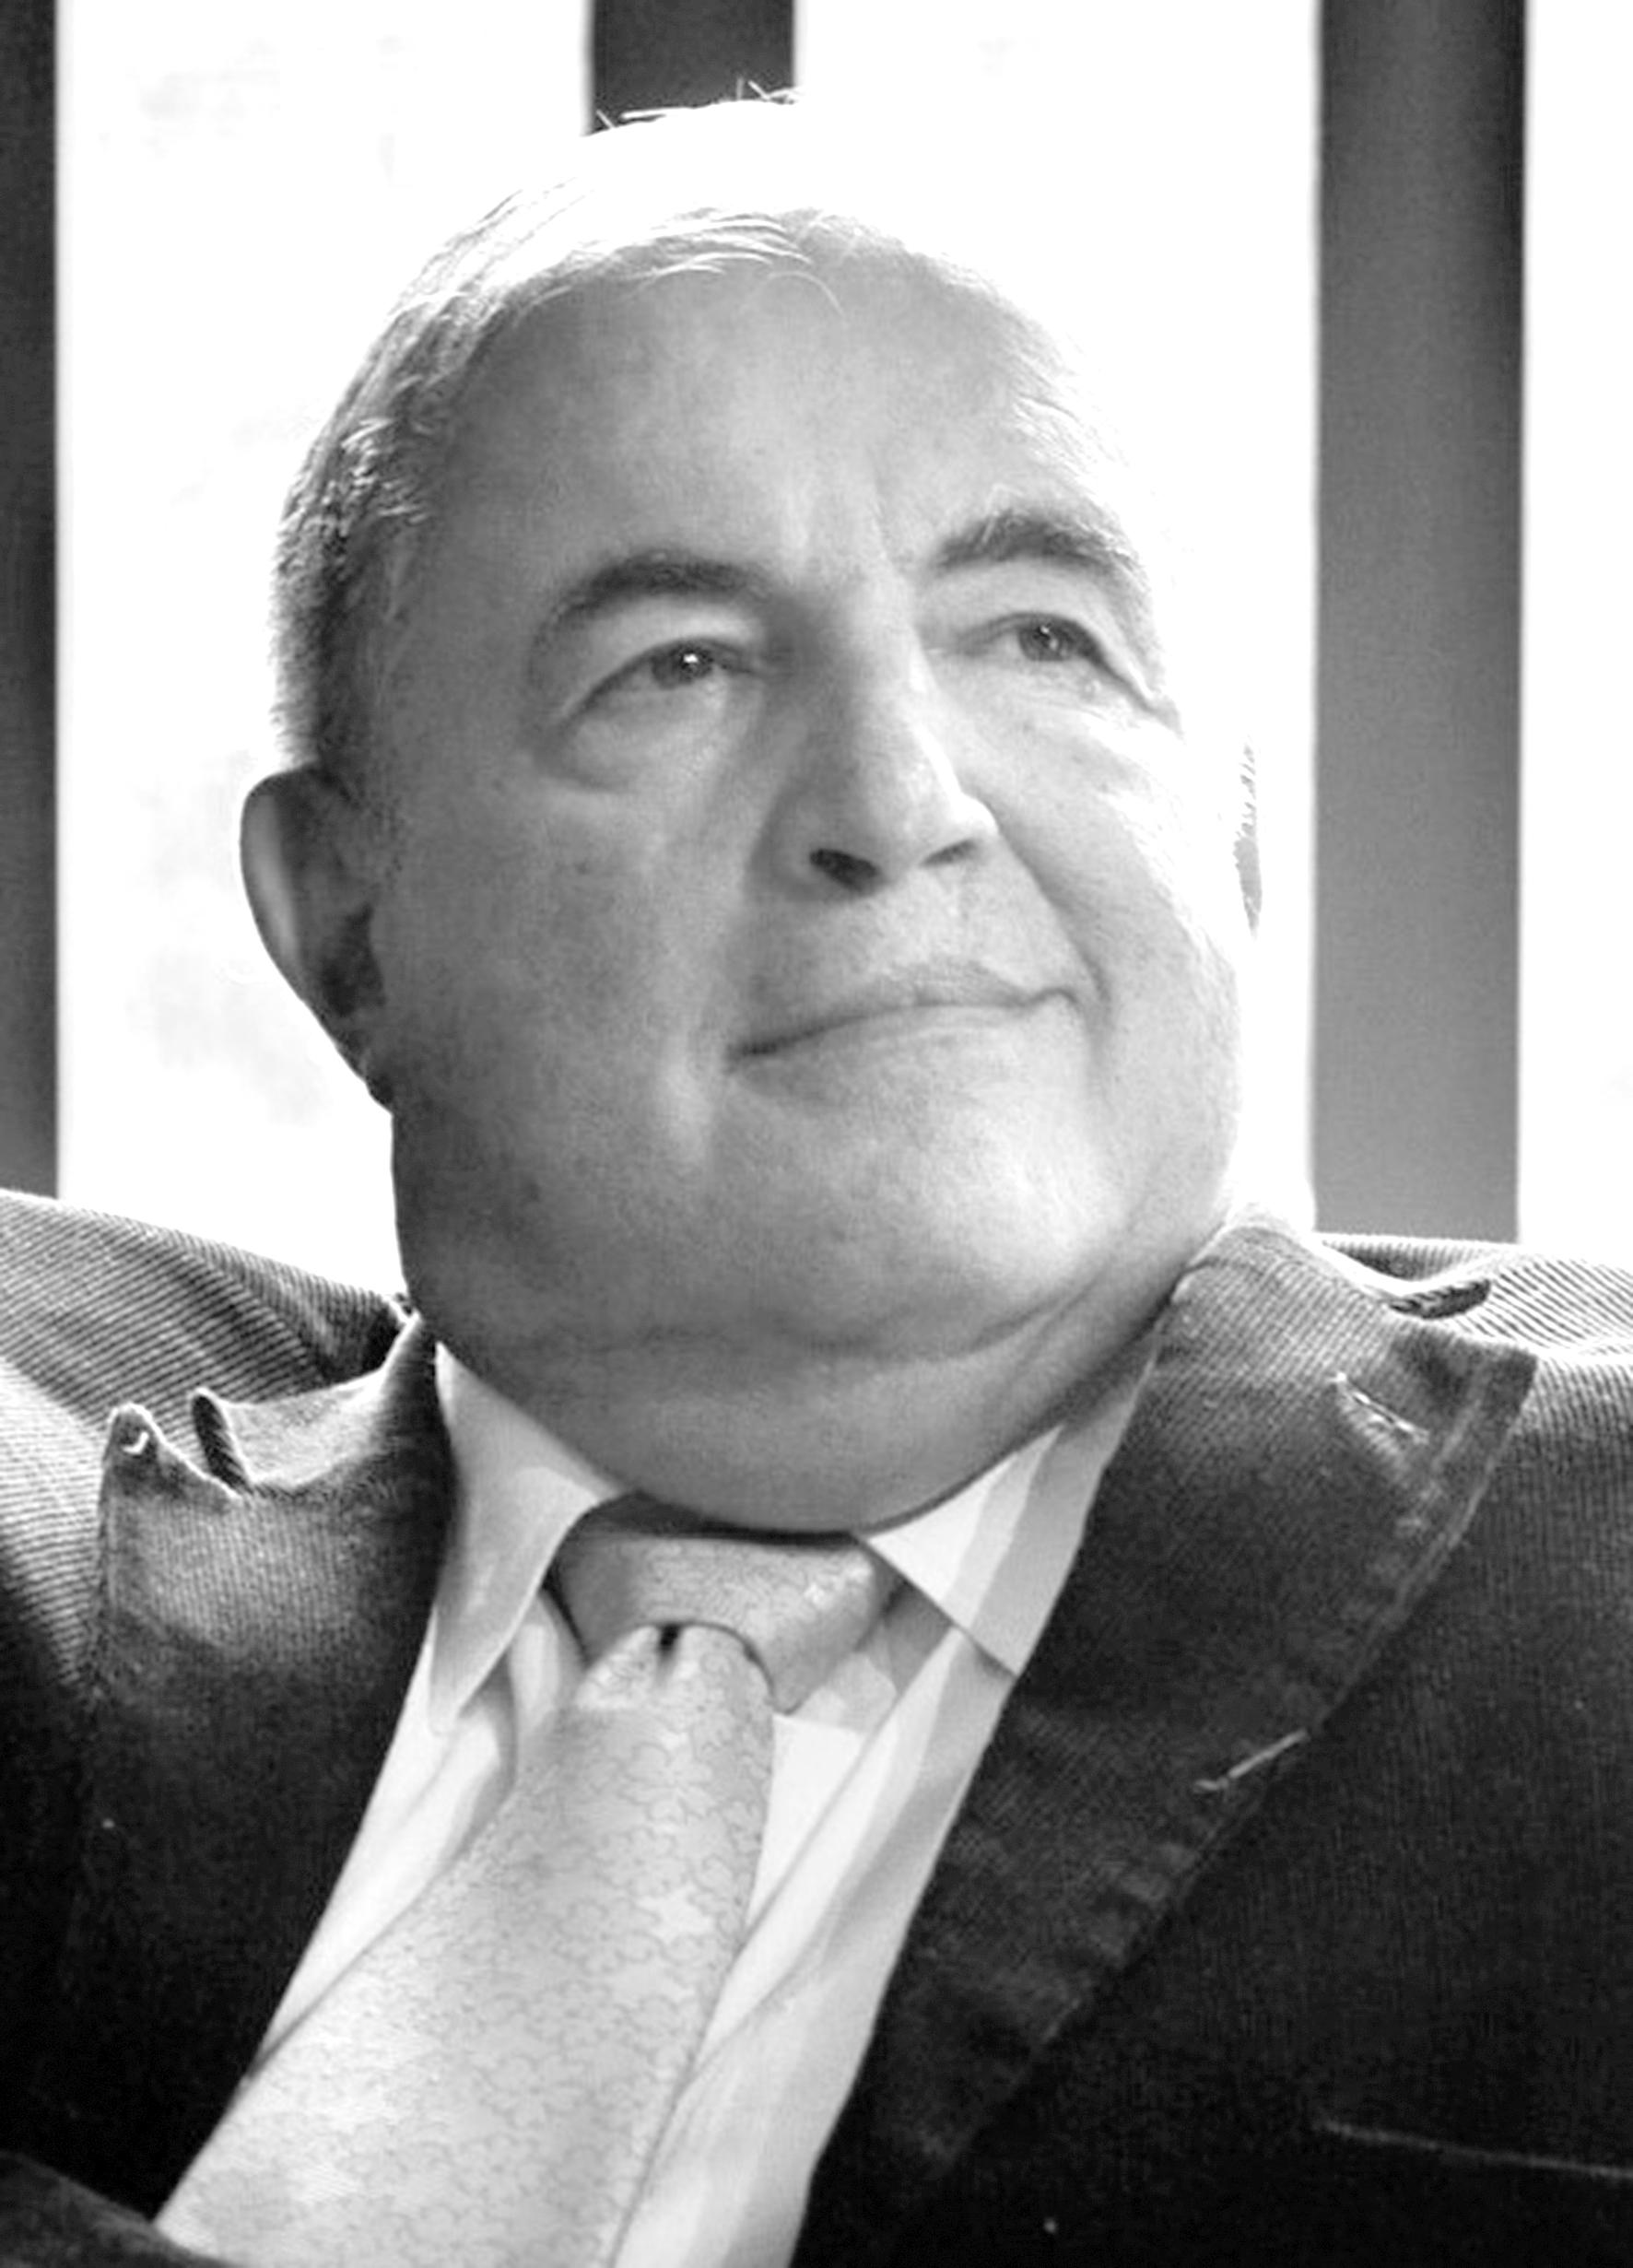 Violencia, generadora de más violencia Por: Antonio José Díaz Ardila | EL FRENTE